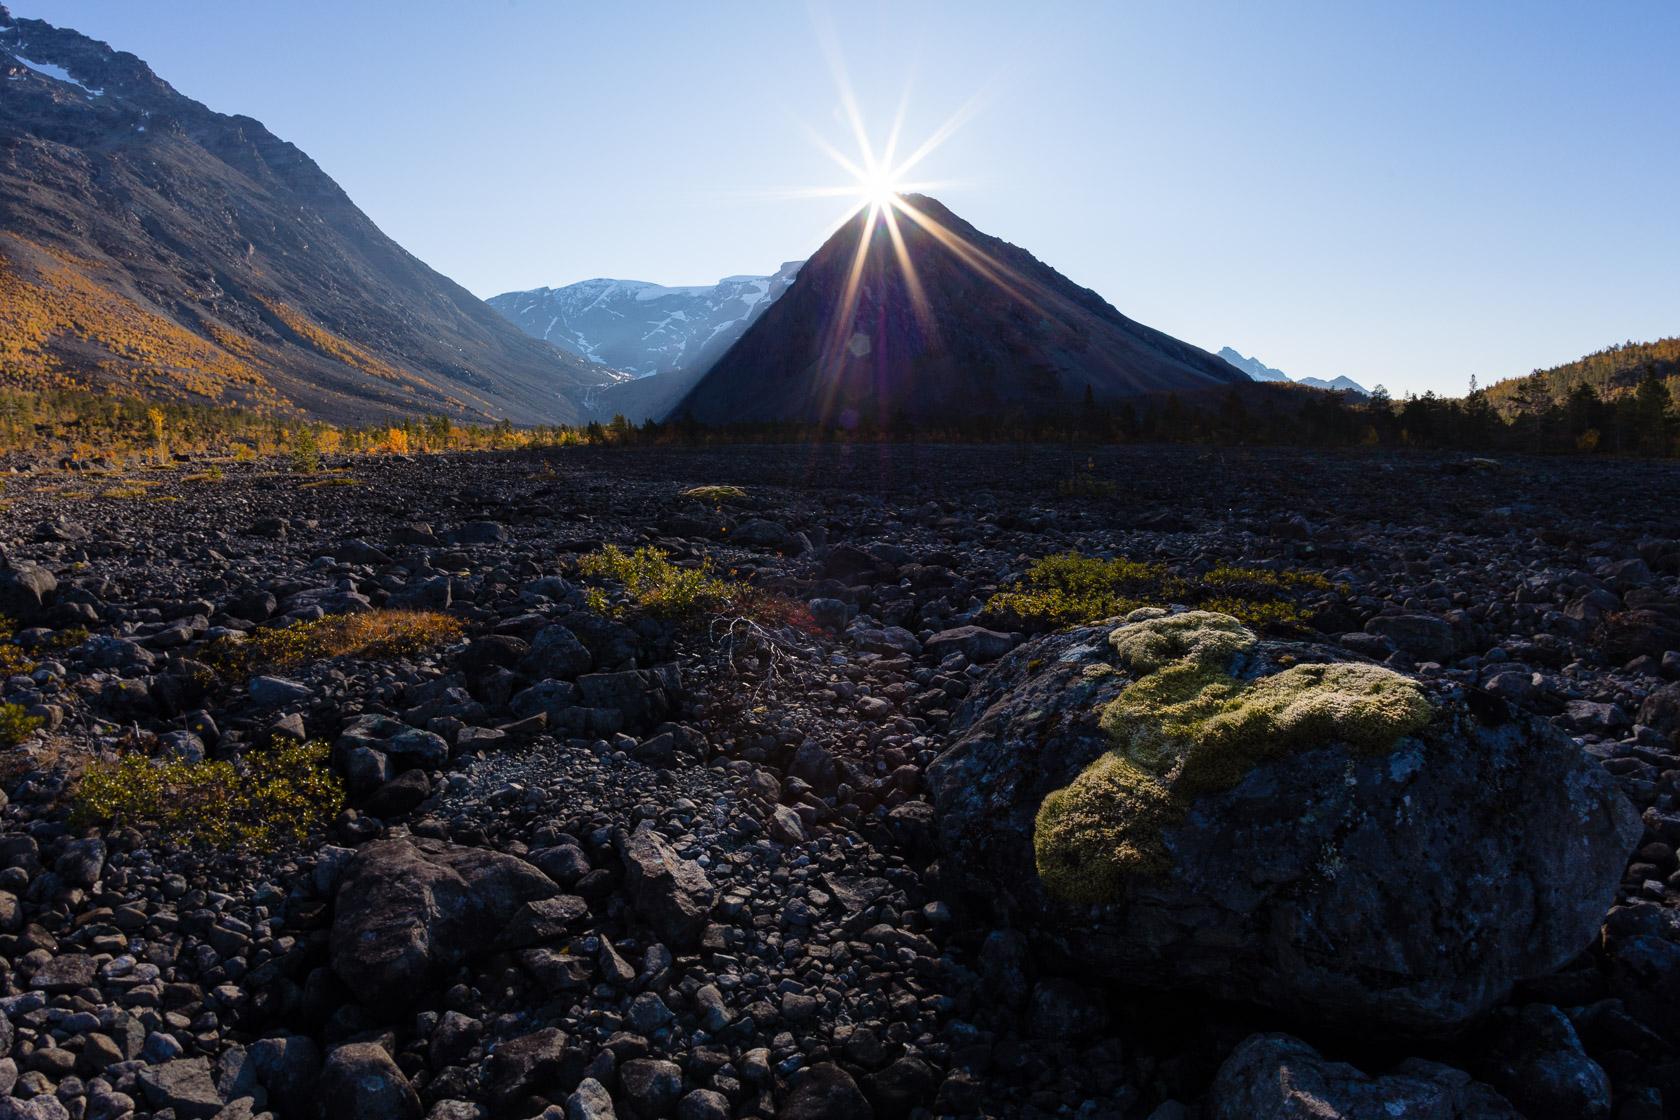 Paysage des Alpes de Lyngen, en Norvège